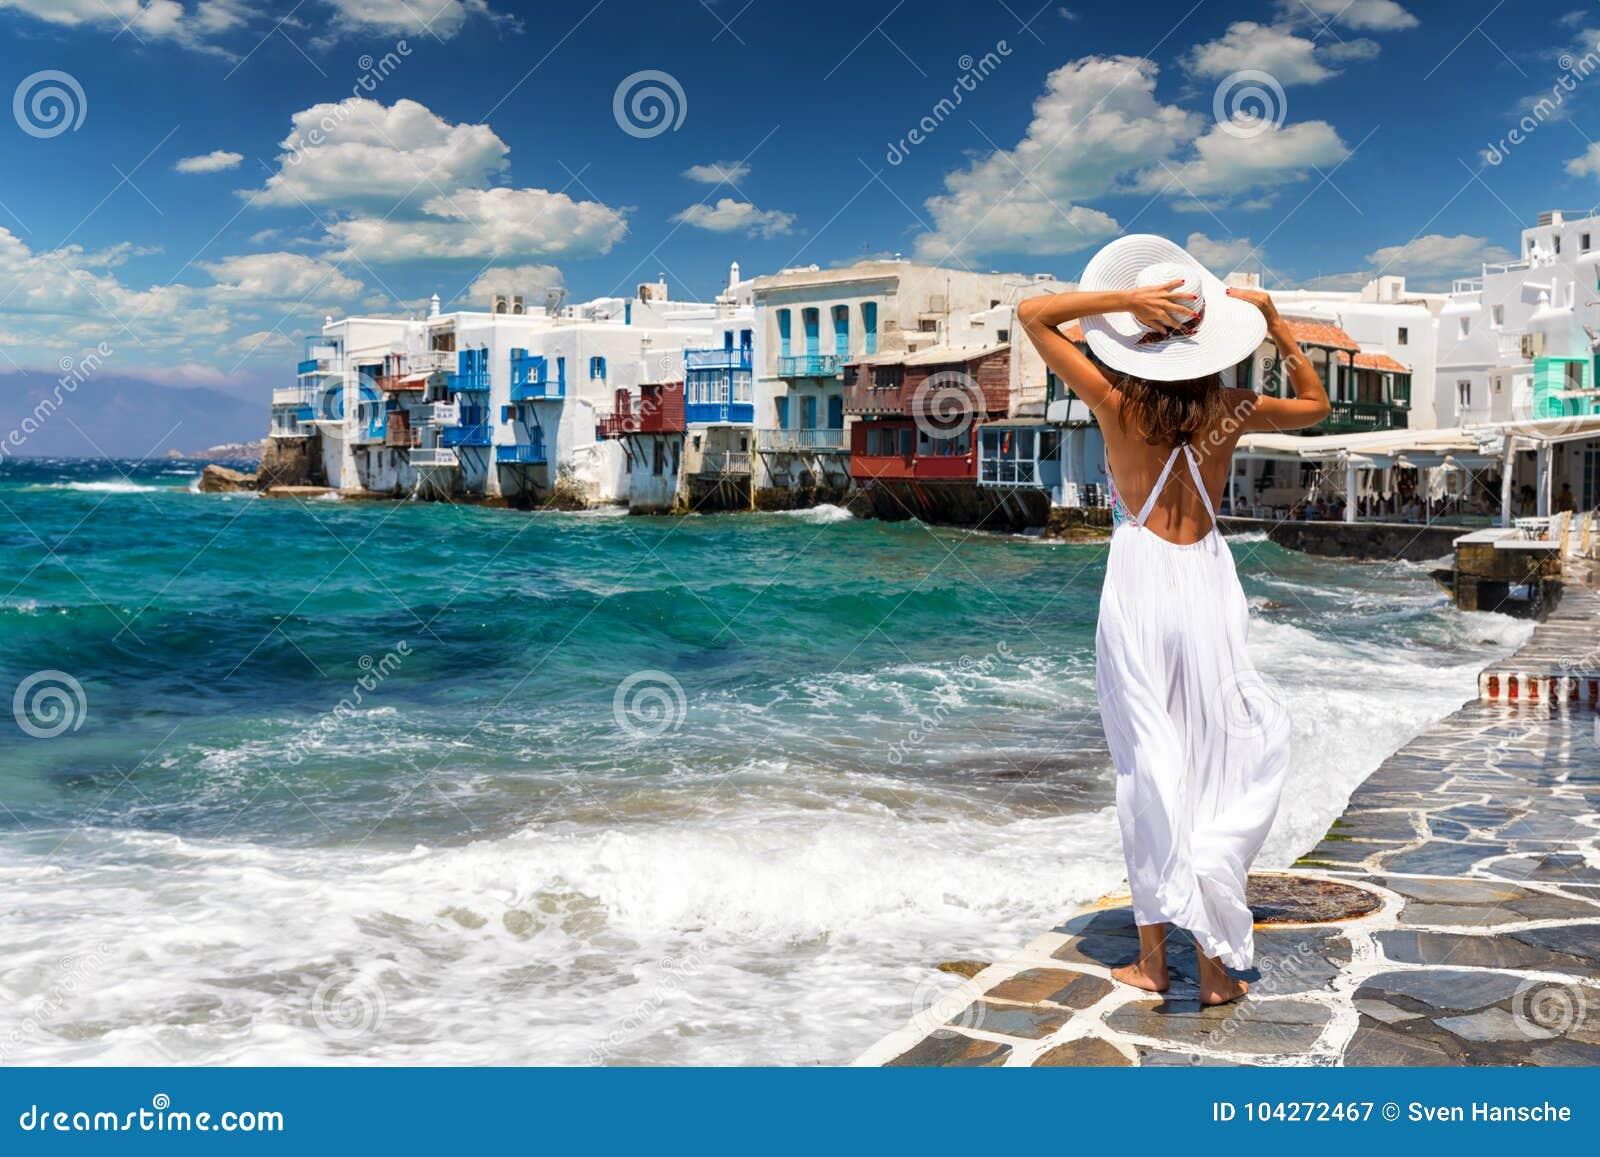 Atrakcyjny żeński turysta w sławnym Małym Wenecja na Mykonos wyspie, Grecja